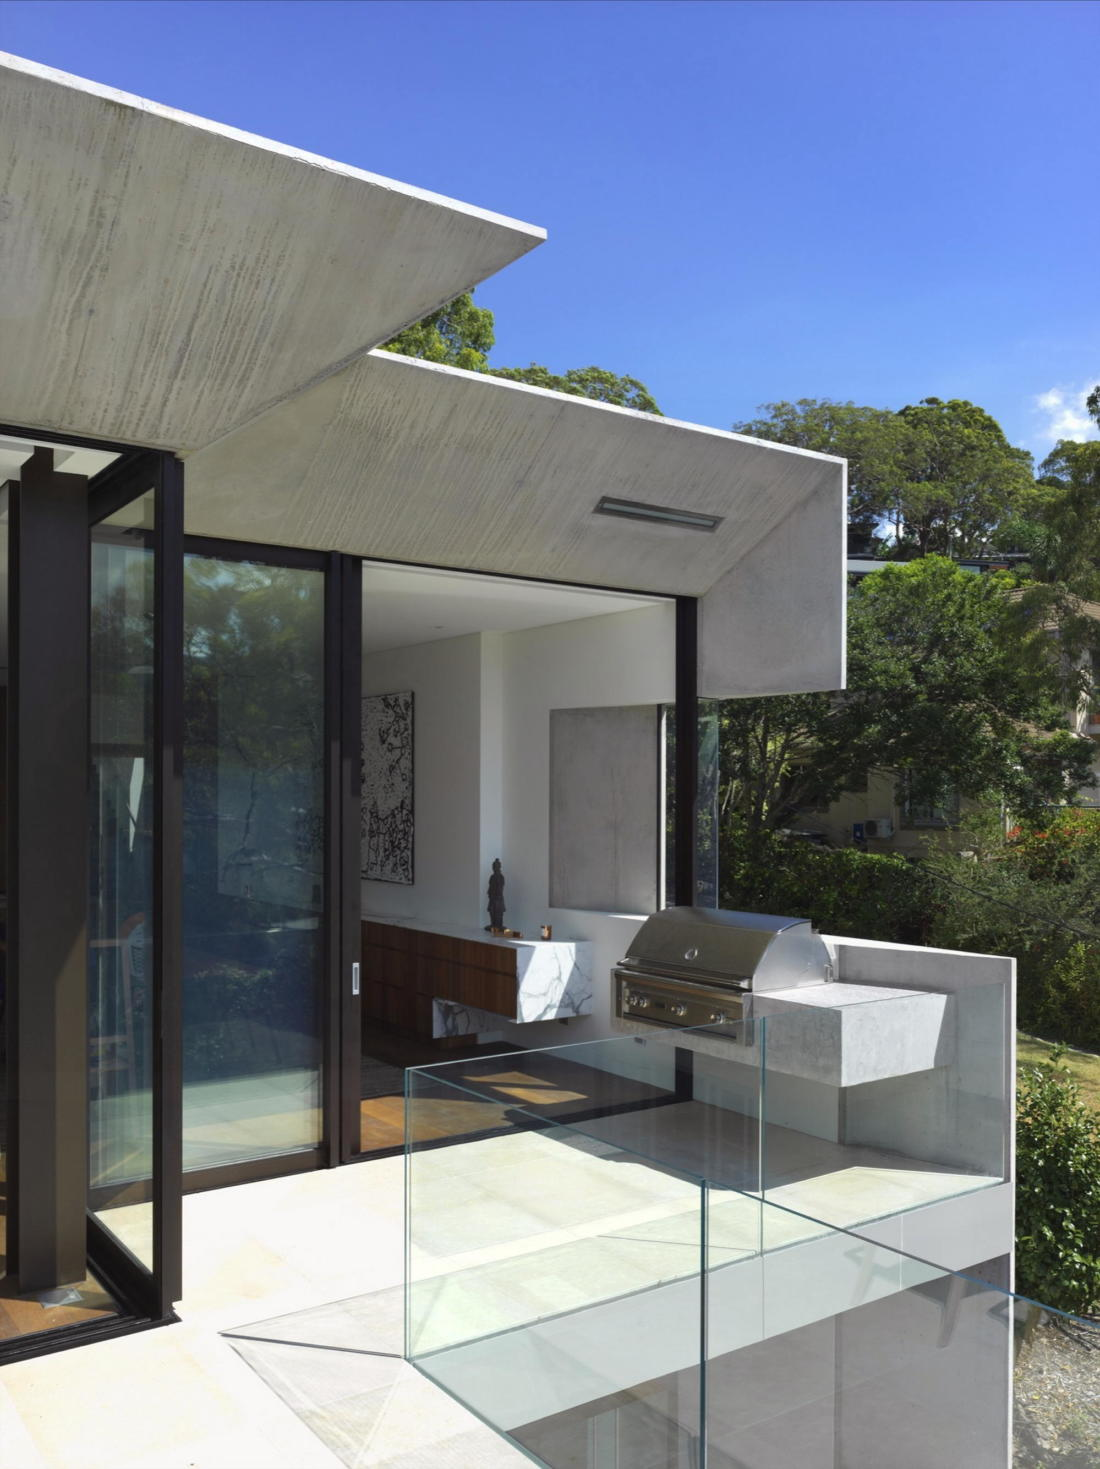 Просторный дом в Австралии от студии Rolf Ockert Design 5